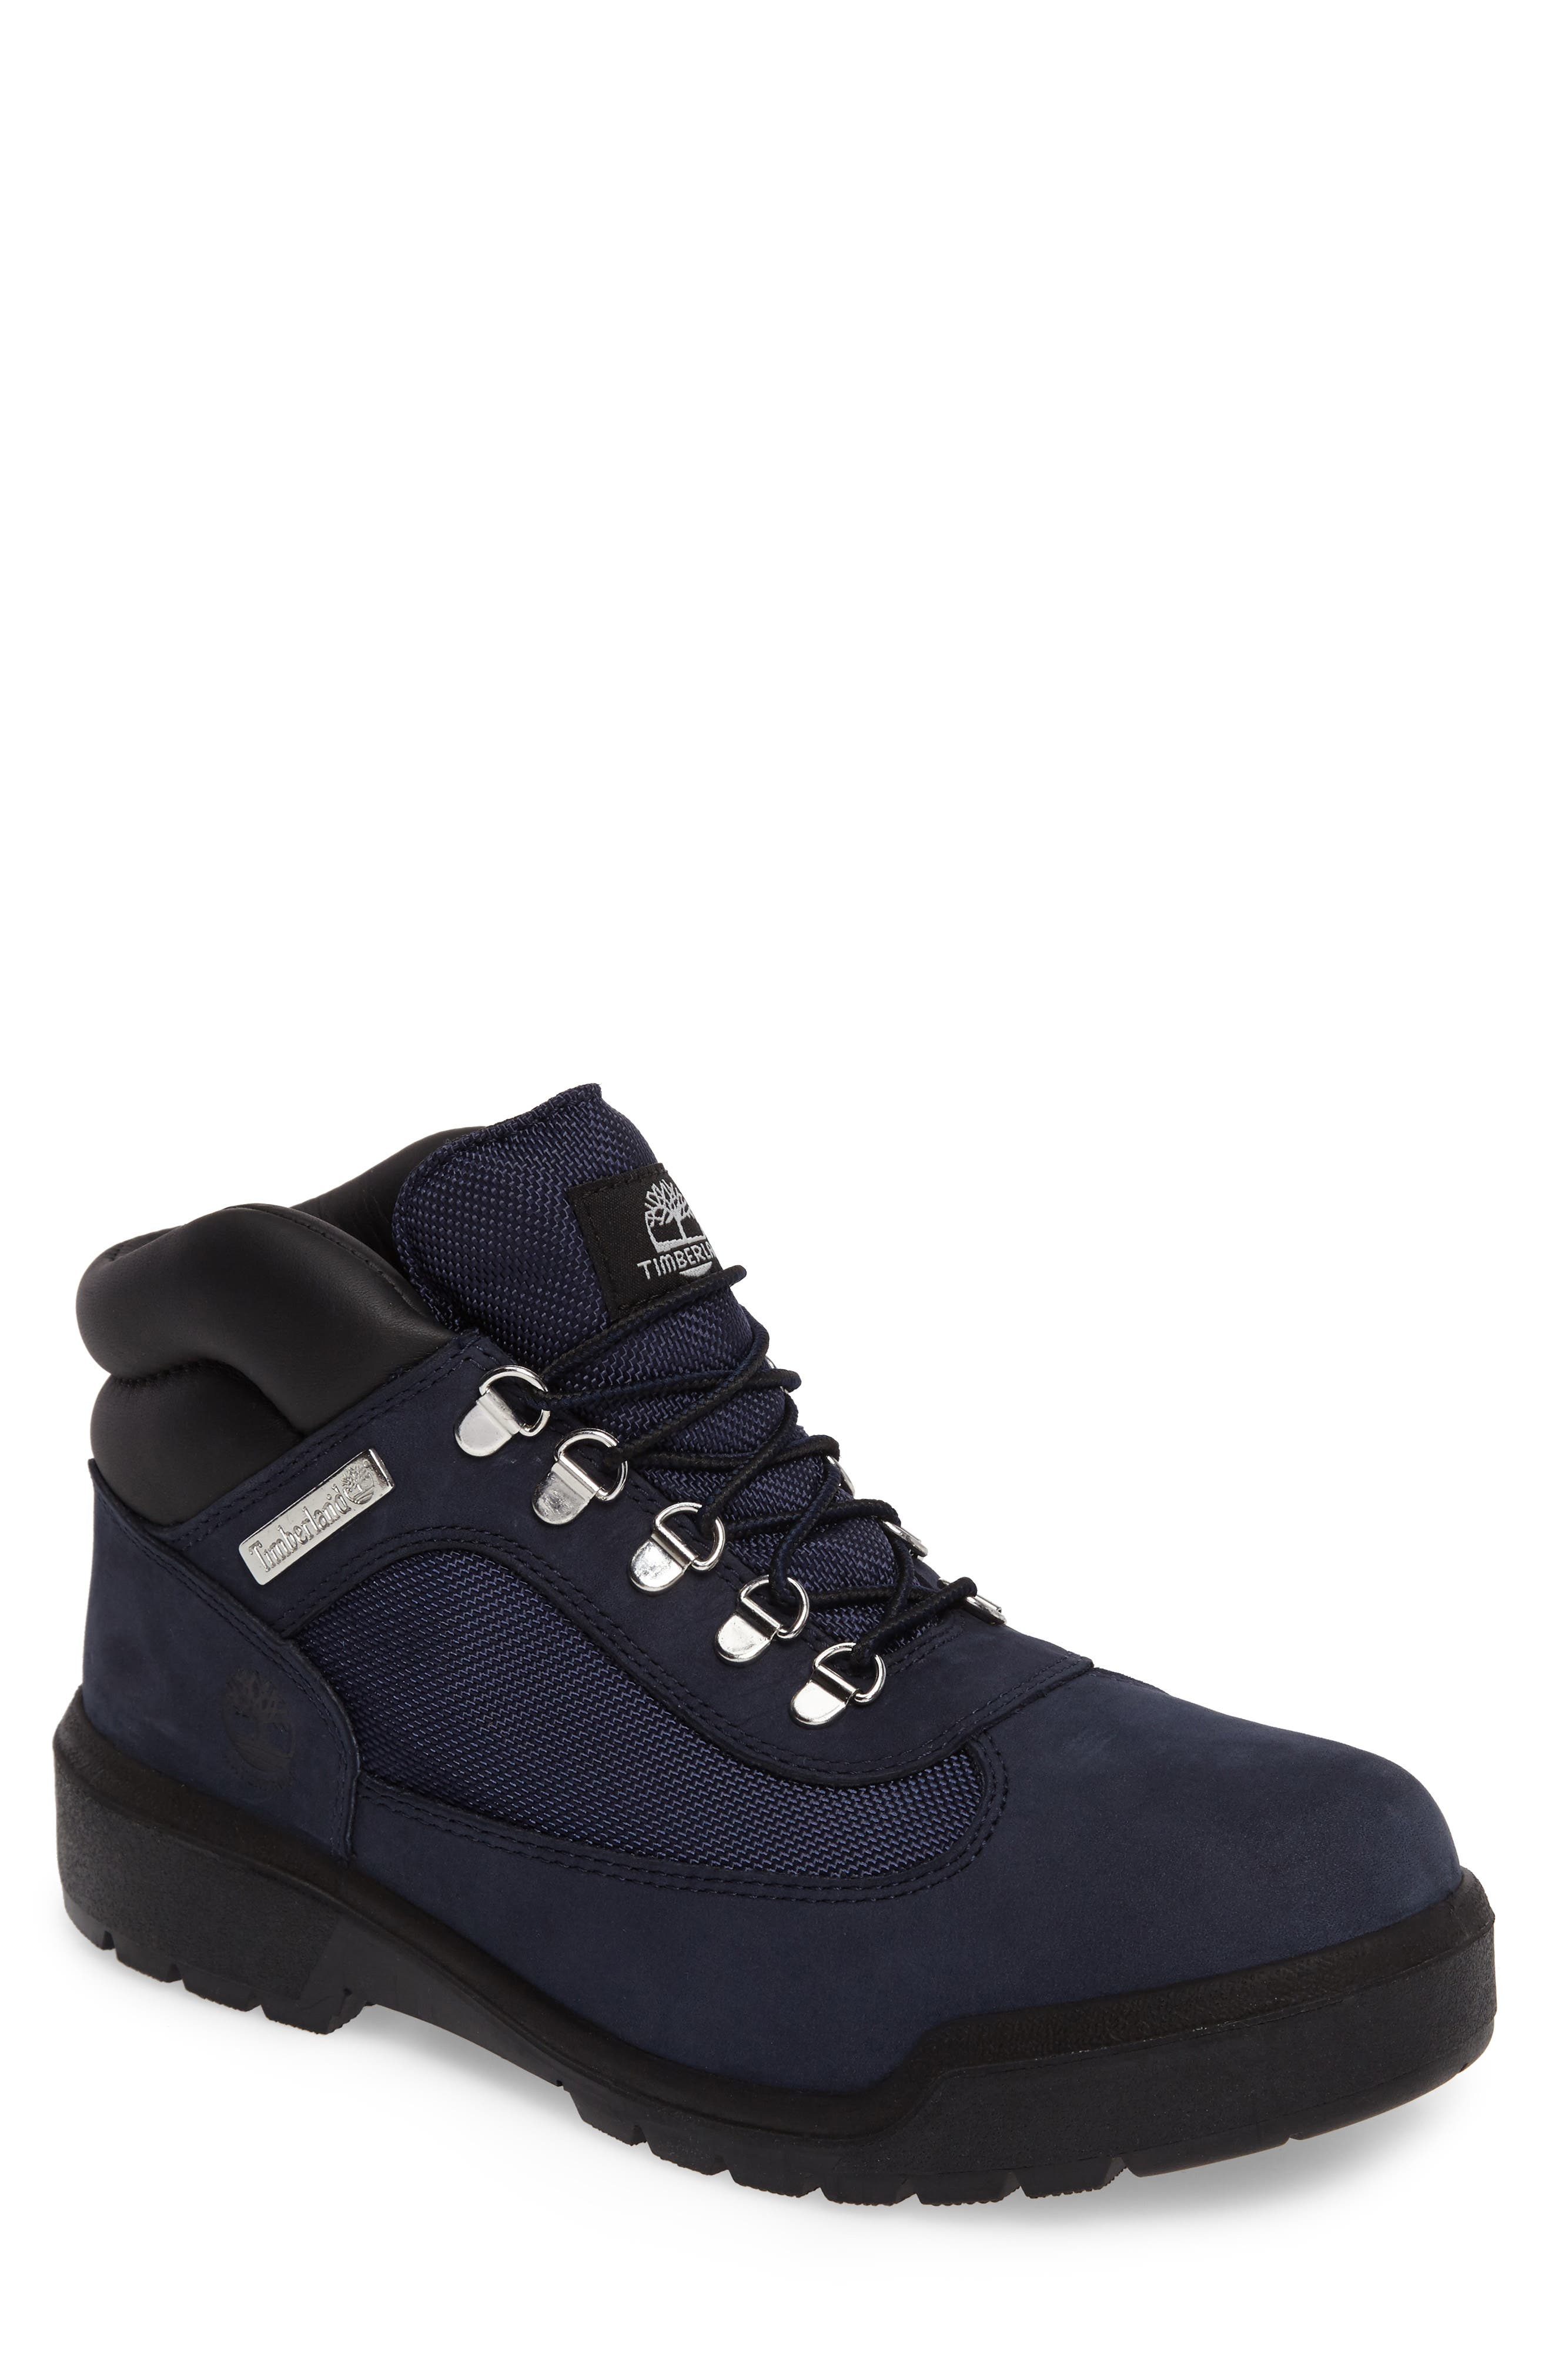 Timberland Field Boot (Men)